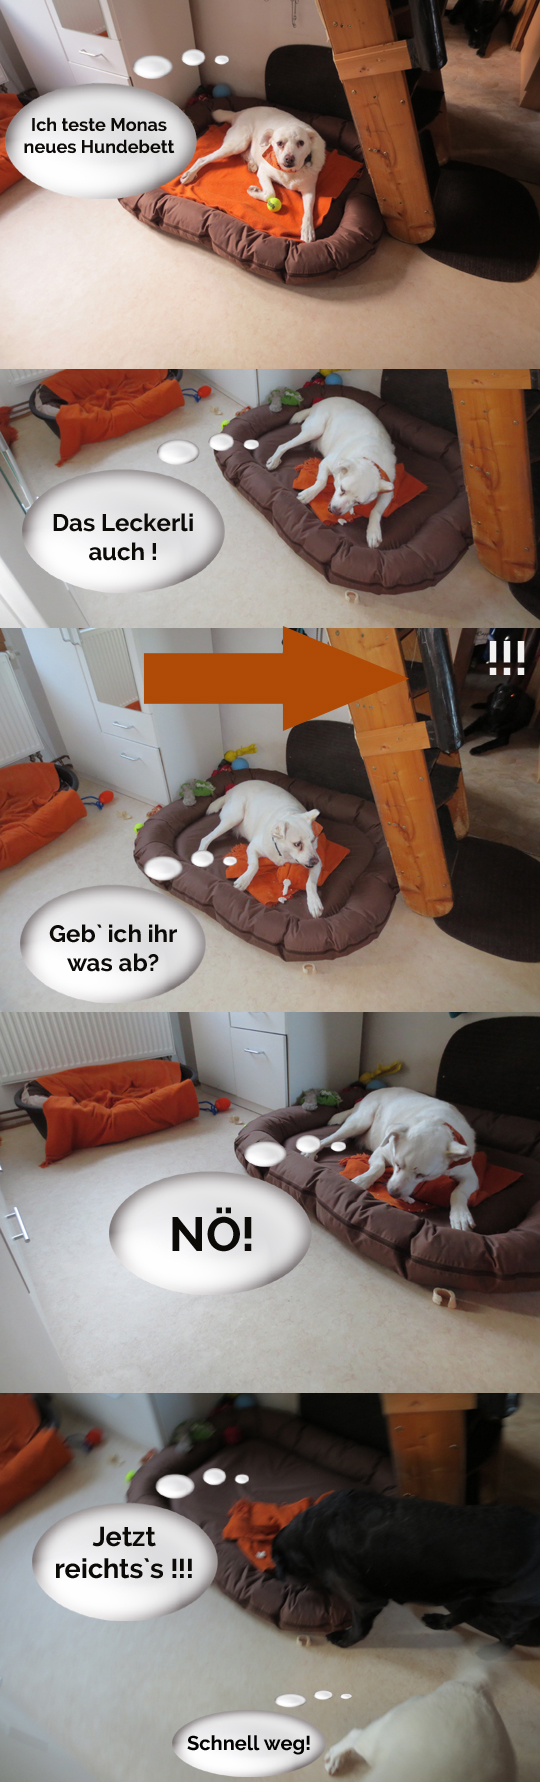 Hundebett Test